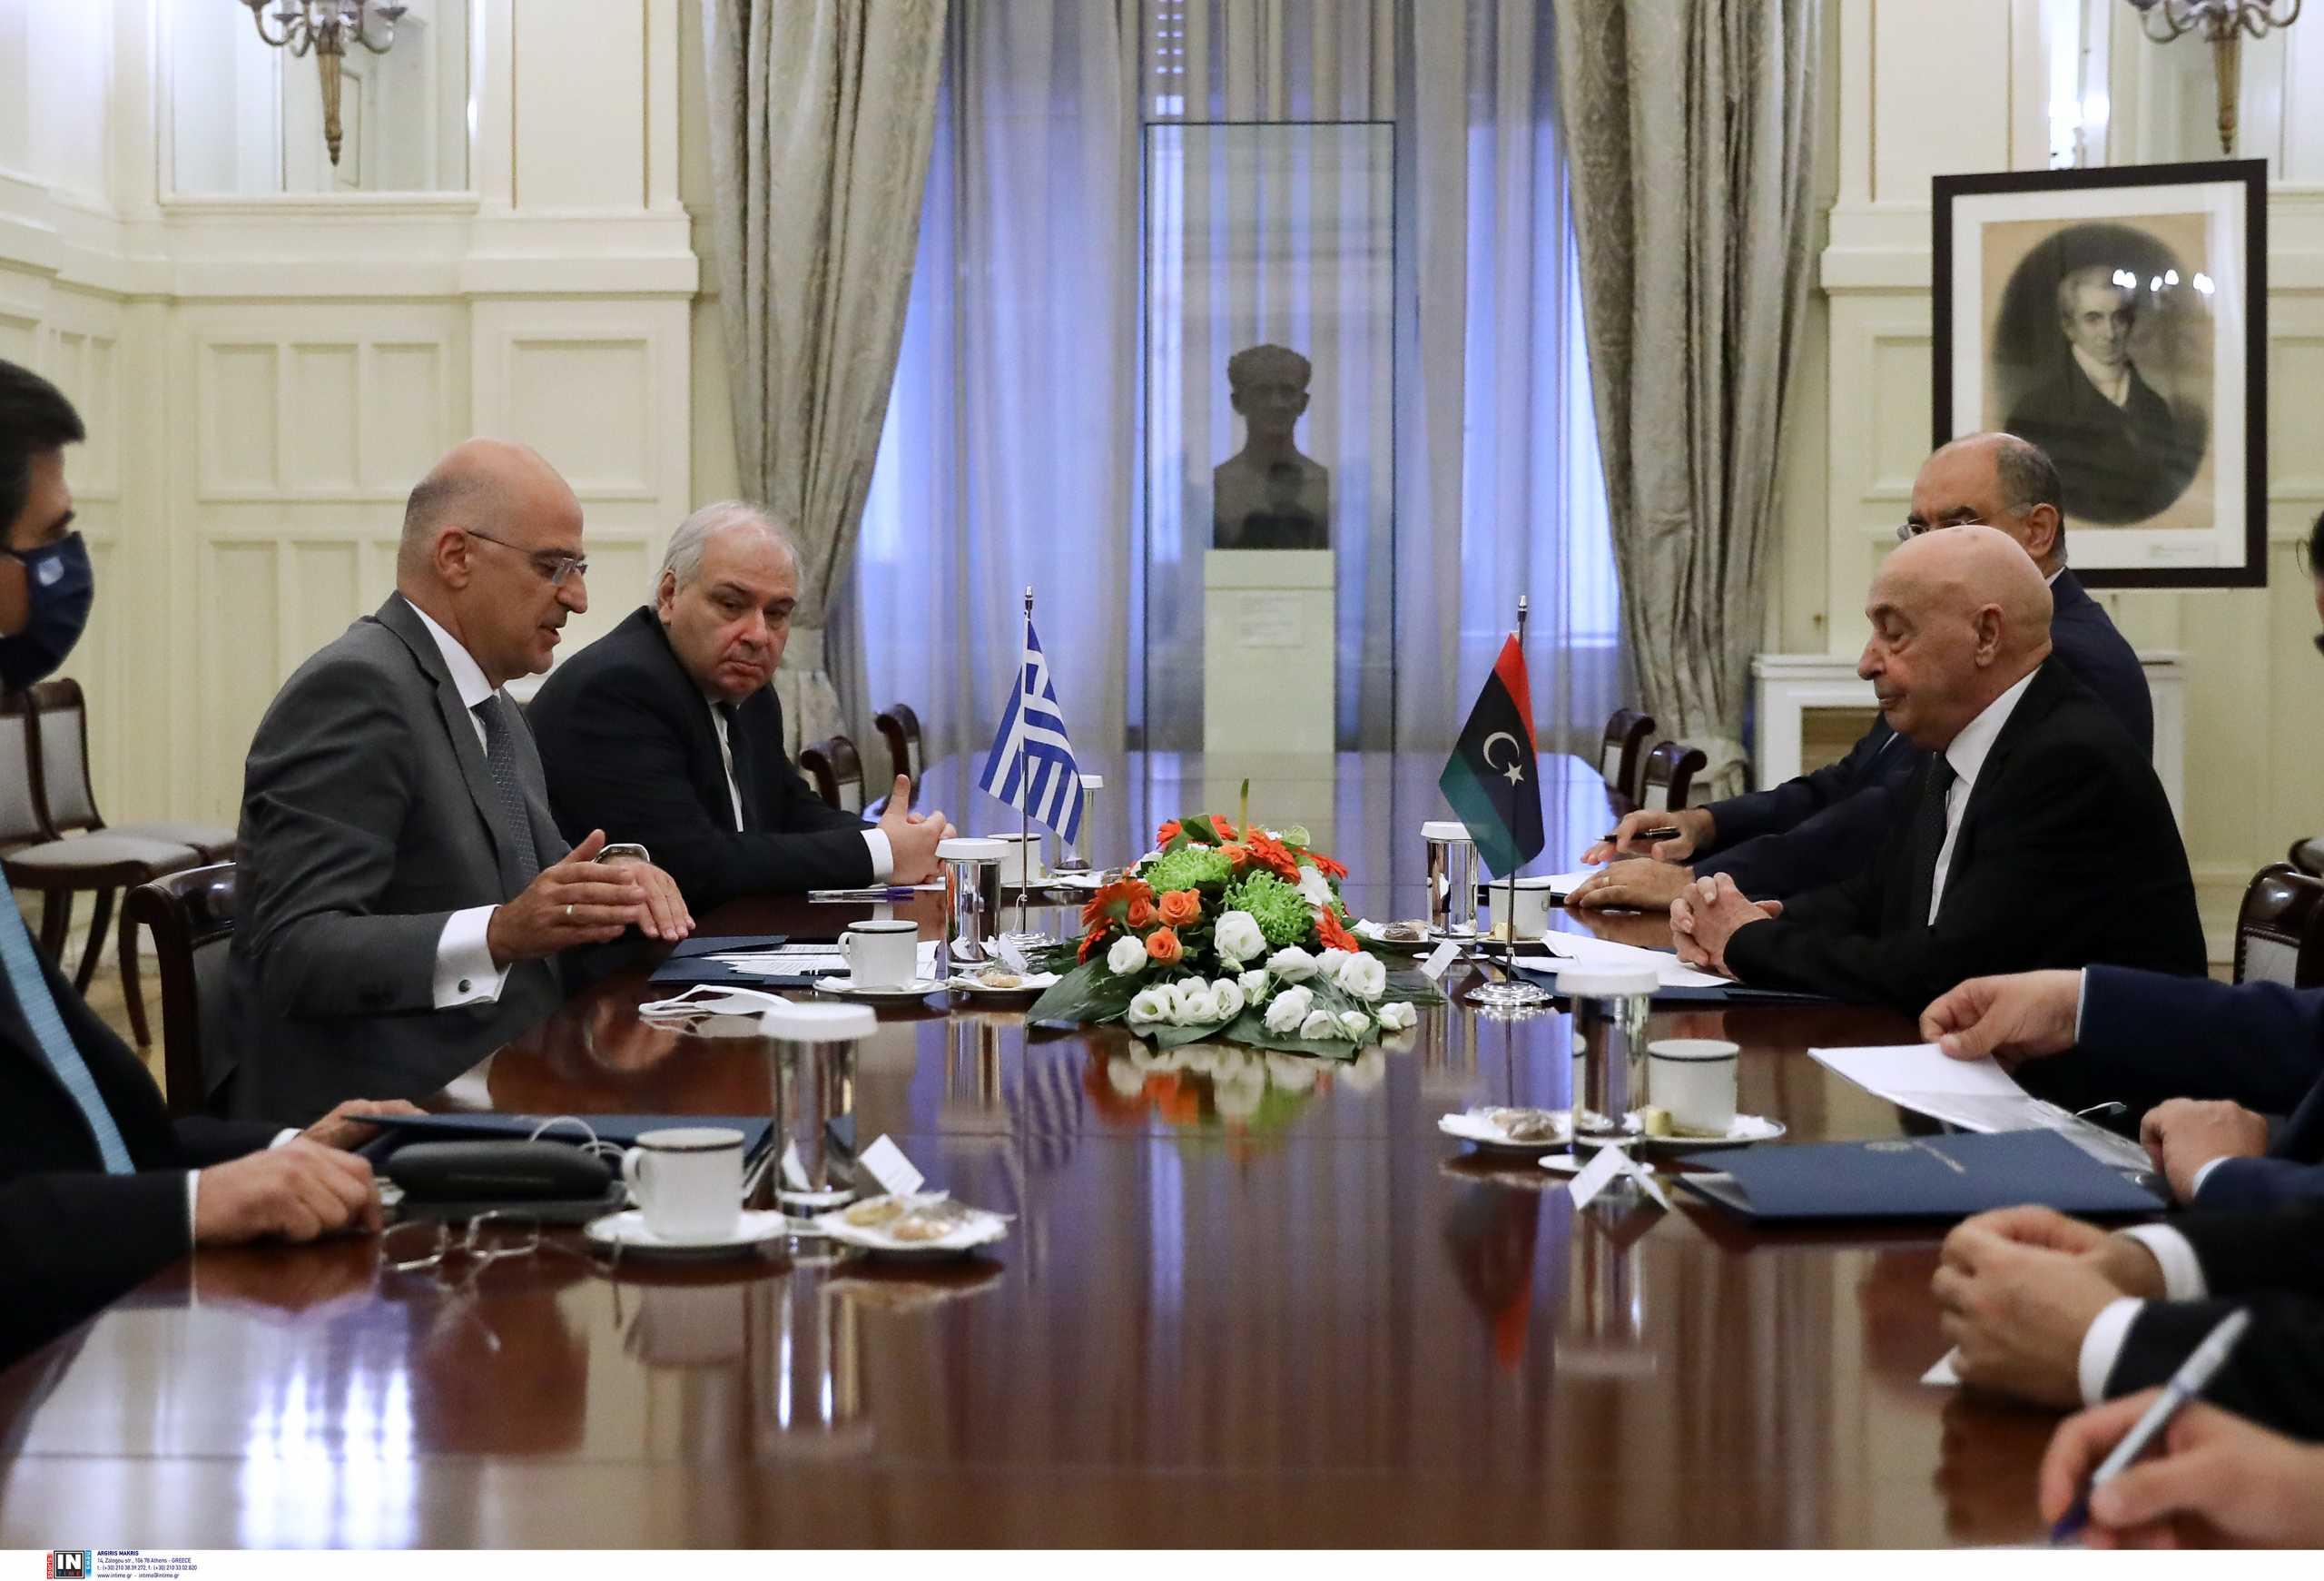 Αγκίλα Σάλεχ: Άκυρο το μνημόνιο Ερντογάν και Σάρατζ – Να φύγουν οι ξένες δυνάμεις από τη Λιβύη